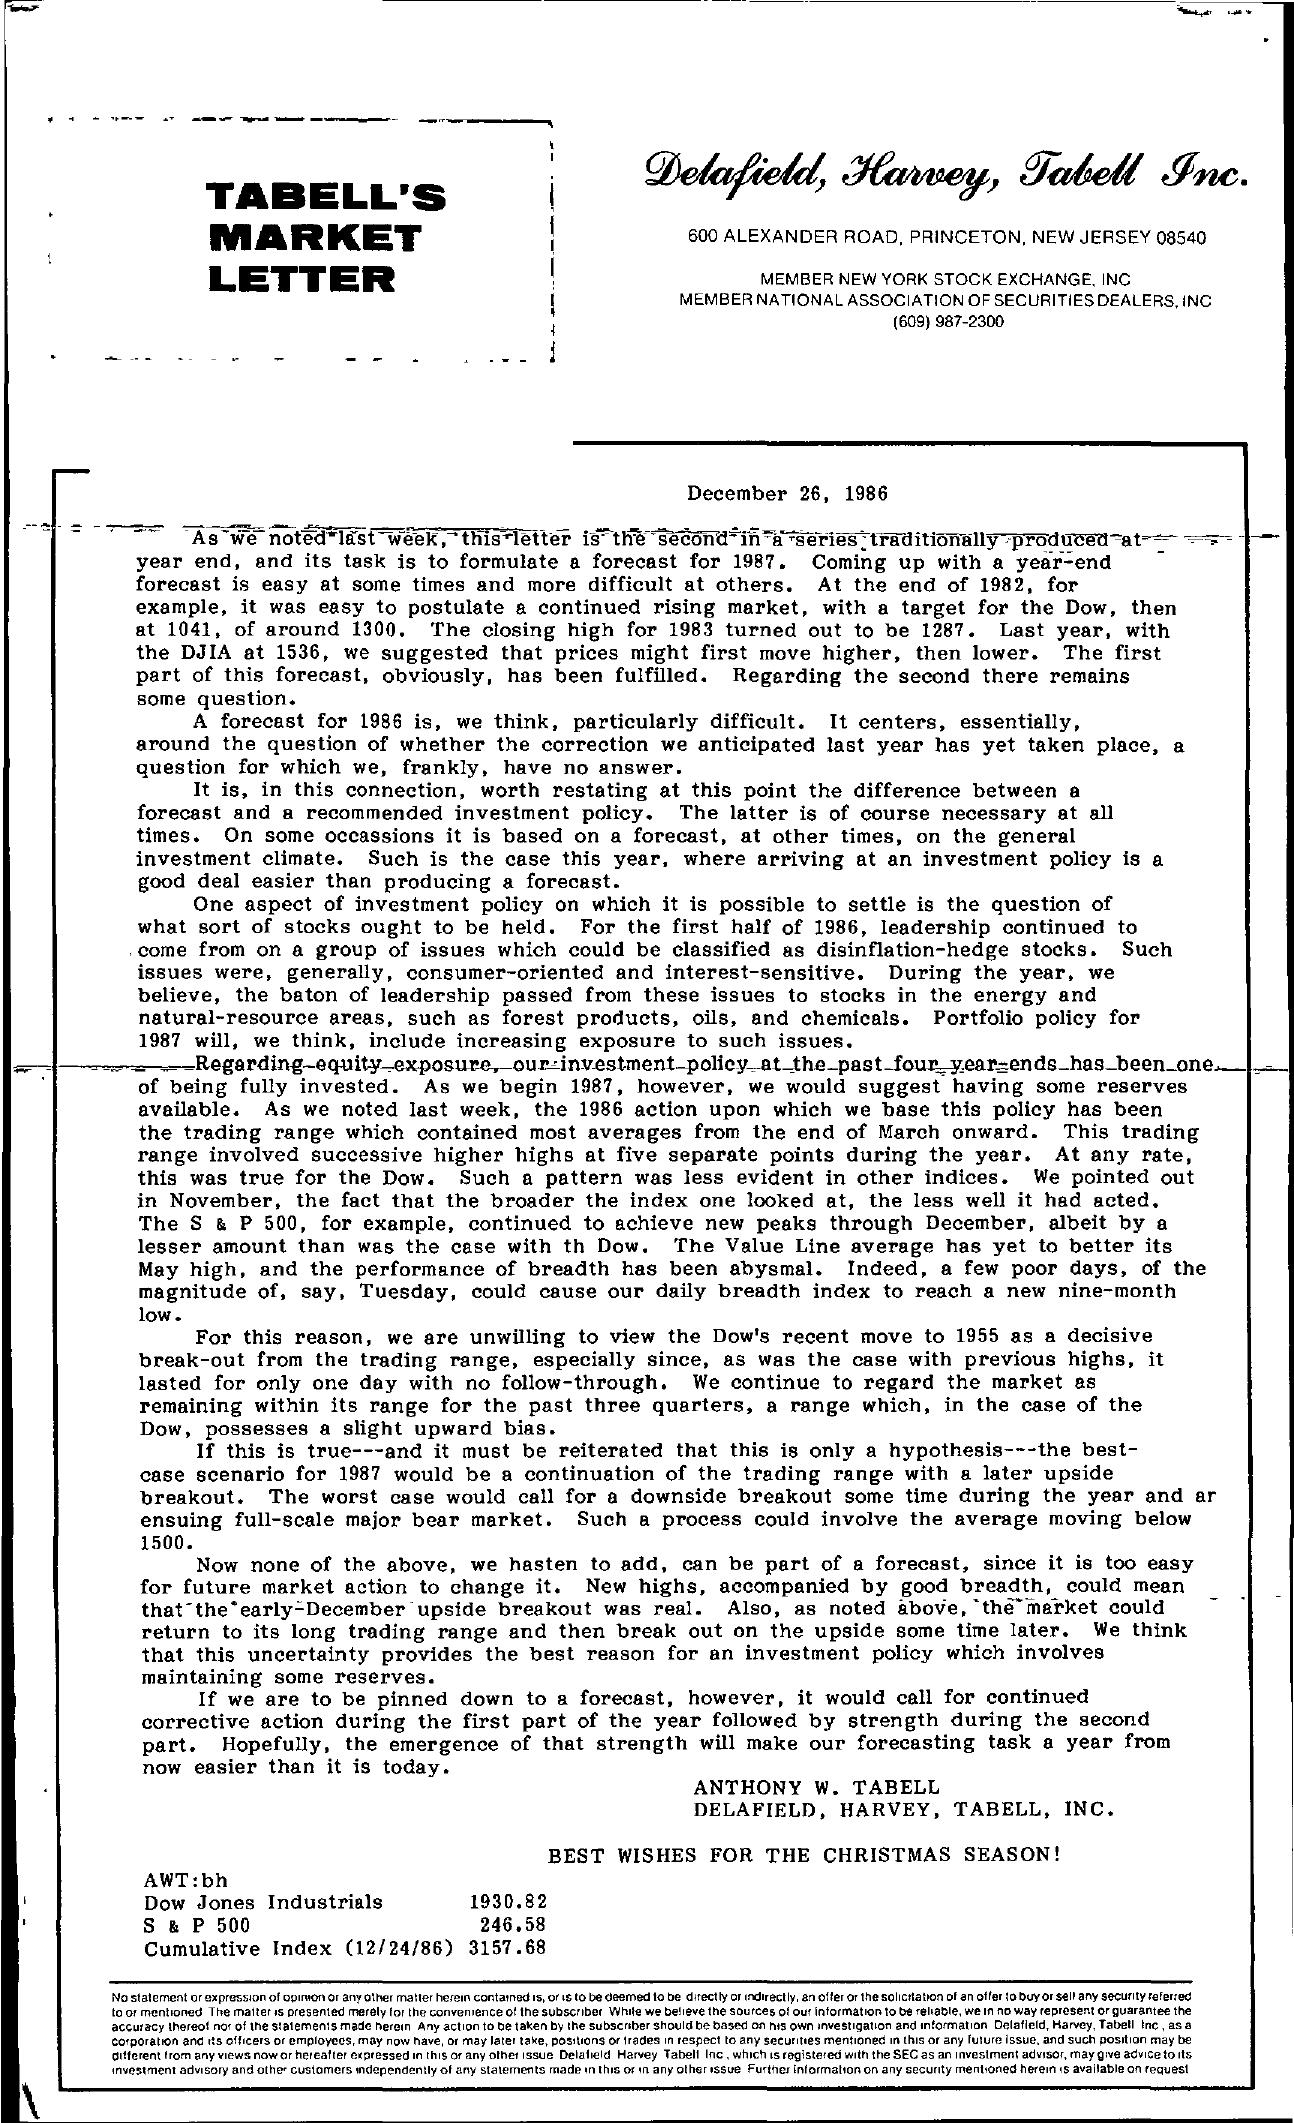 Tabell's Market Letter - December 26, 1986